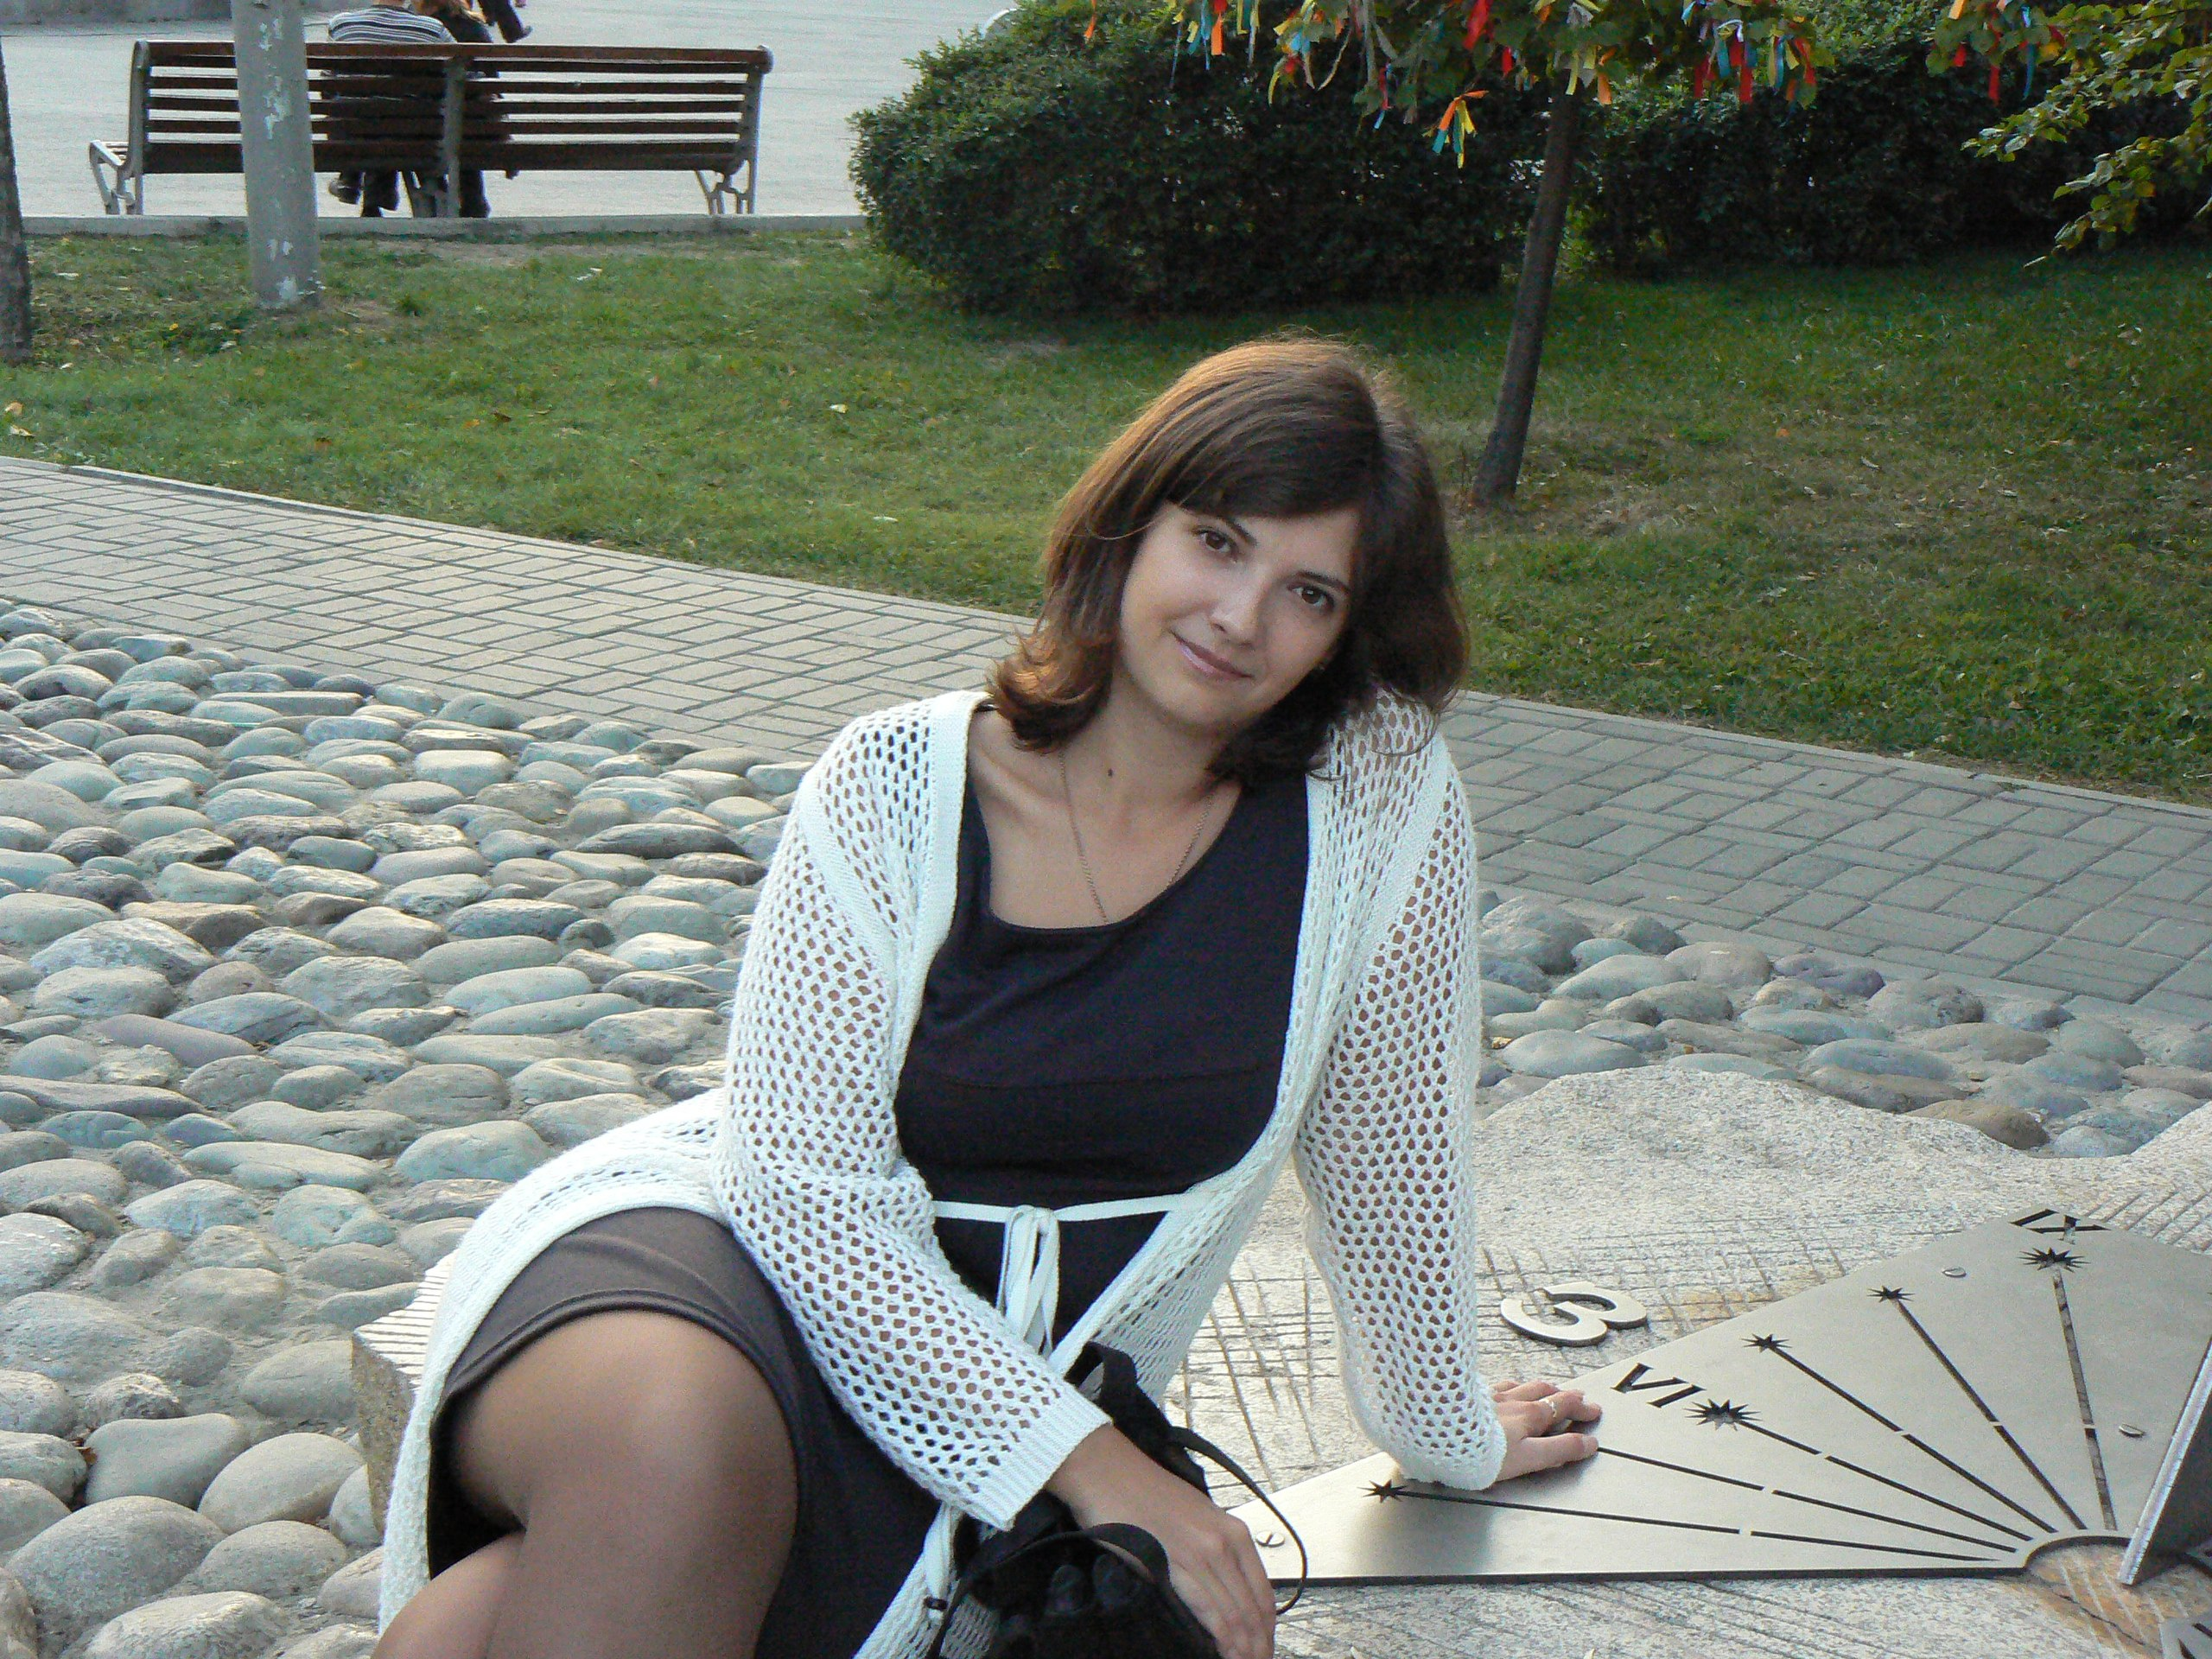 Фото молодых зрелых жён, Зрелые женщины мечтают о молодом любовнике 23 фотография